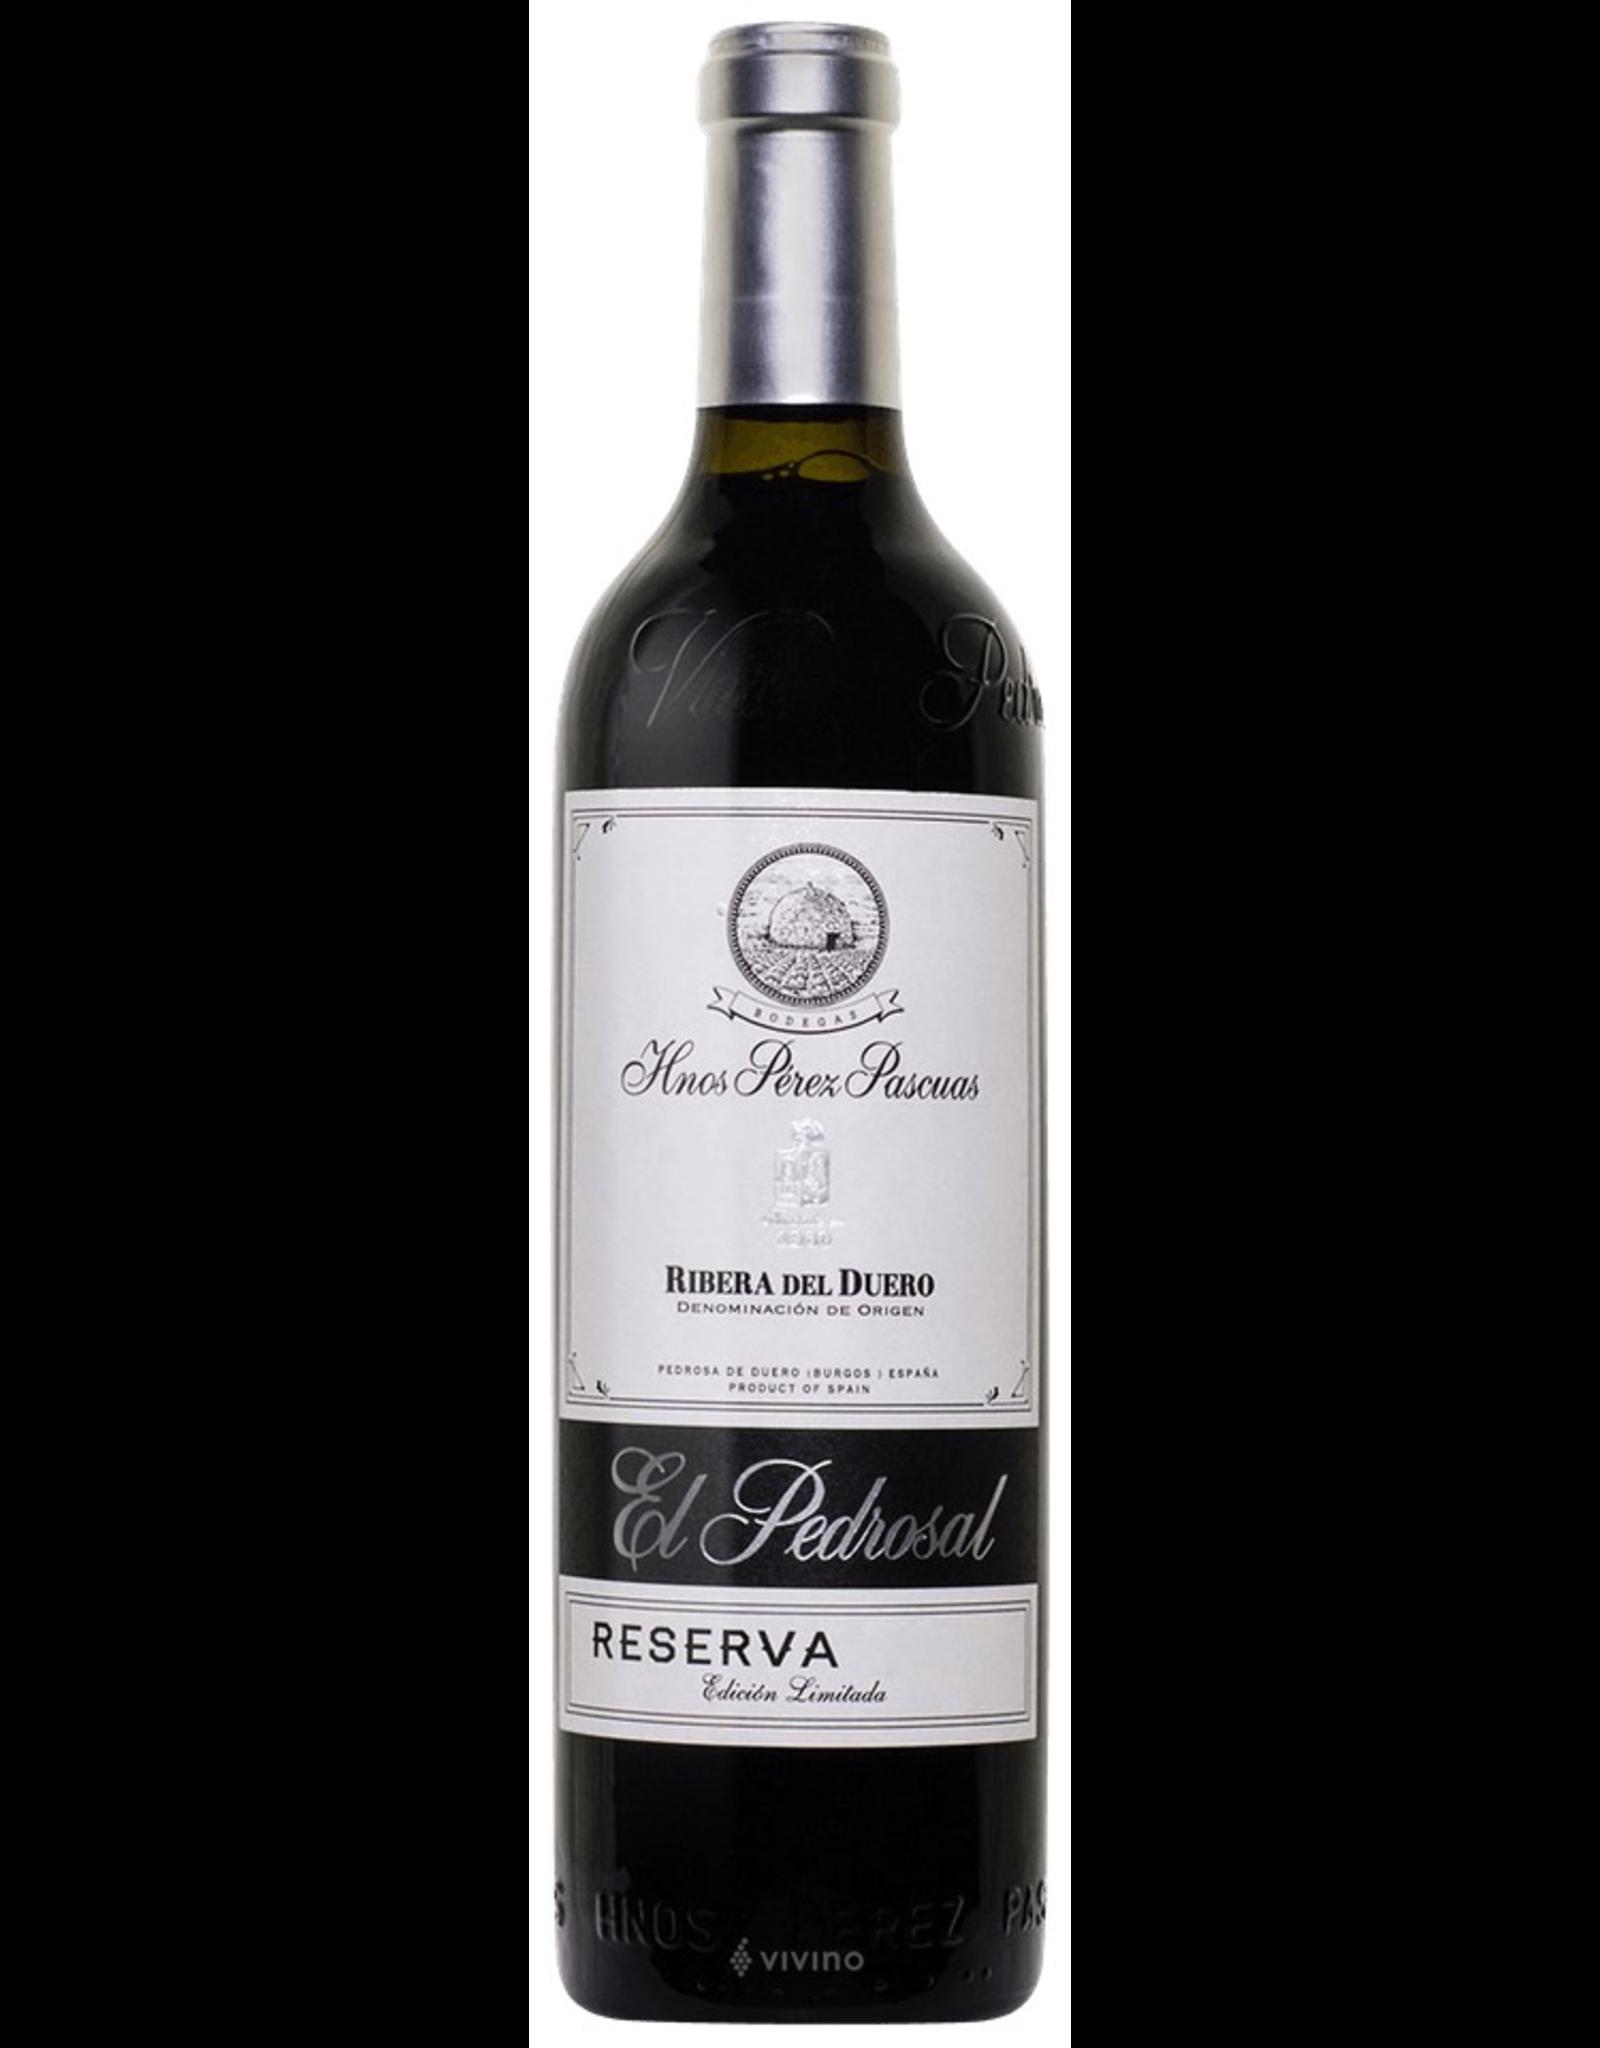 Red Wine 2005, Bodegas Hnos Perez Pascuas Reserva Vina Pedrosa, Tempranillo, Ribera Del Duero, Castilla y Leon, Spain, 13.5% Alc, CT90, RP95